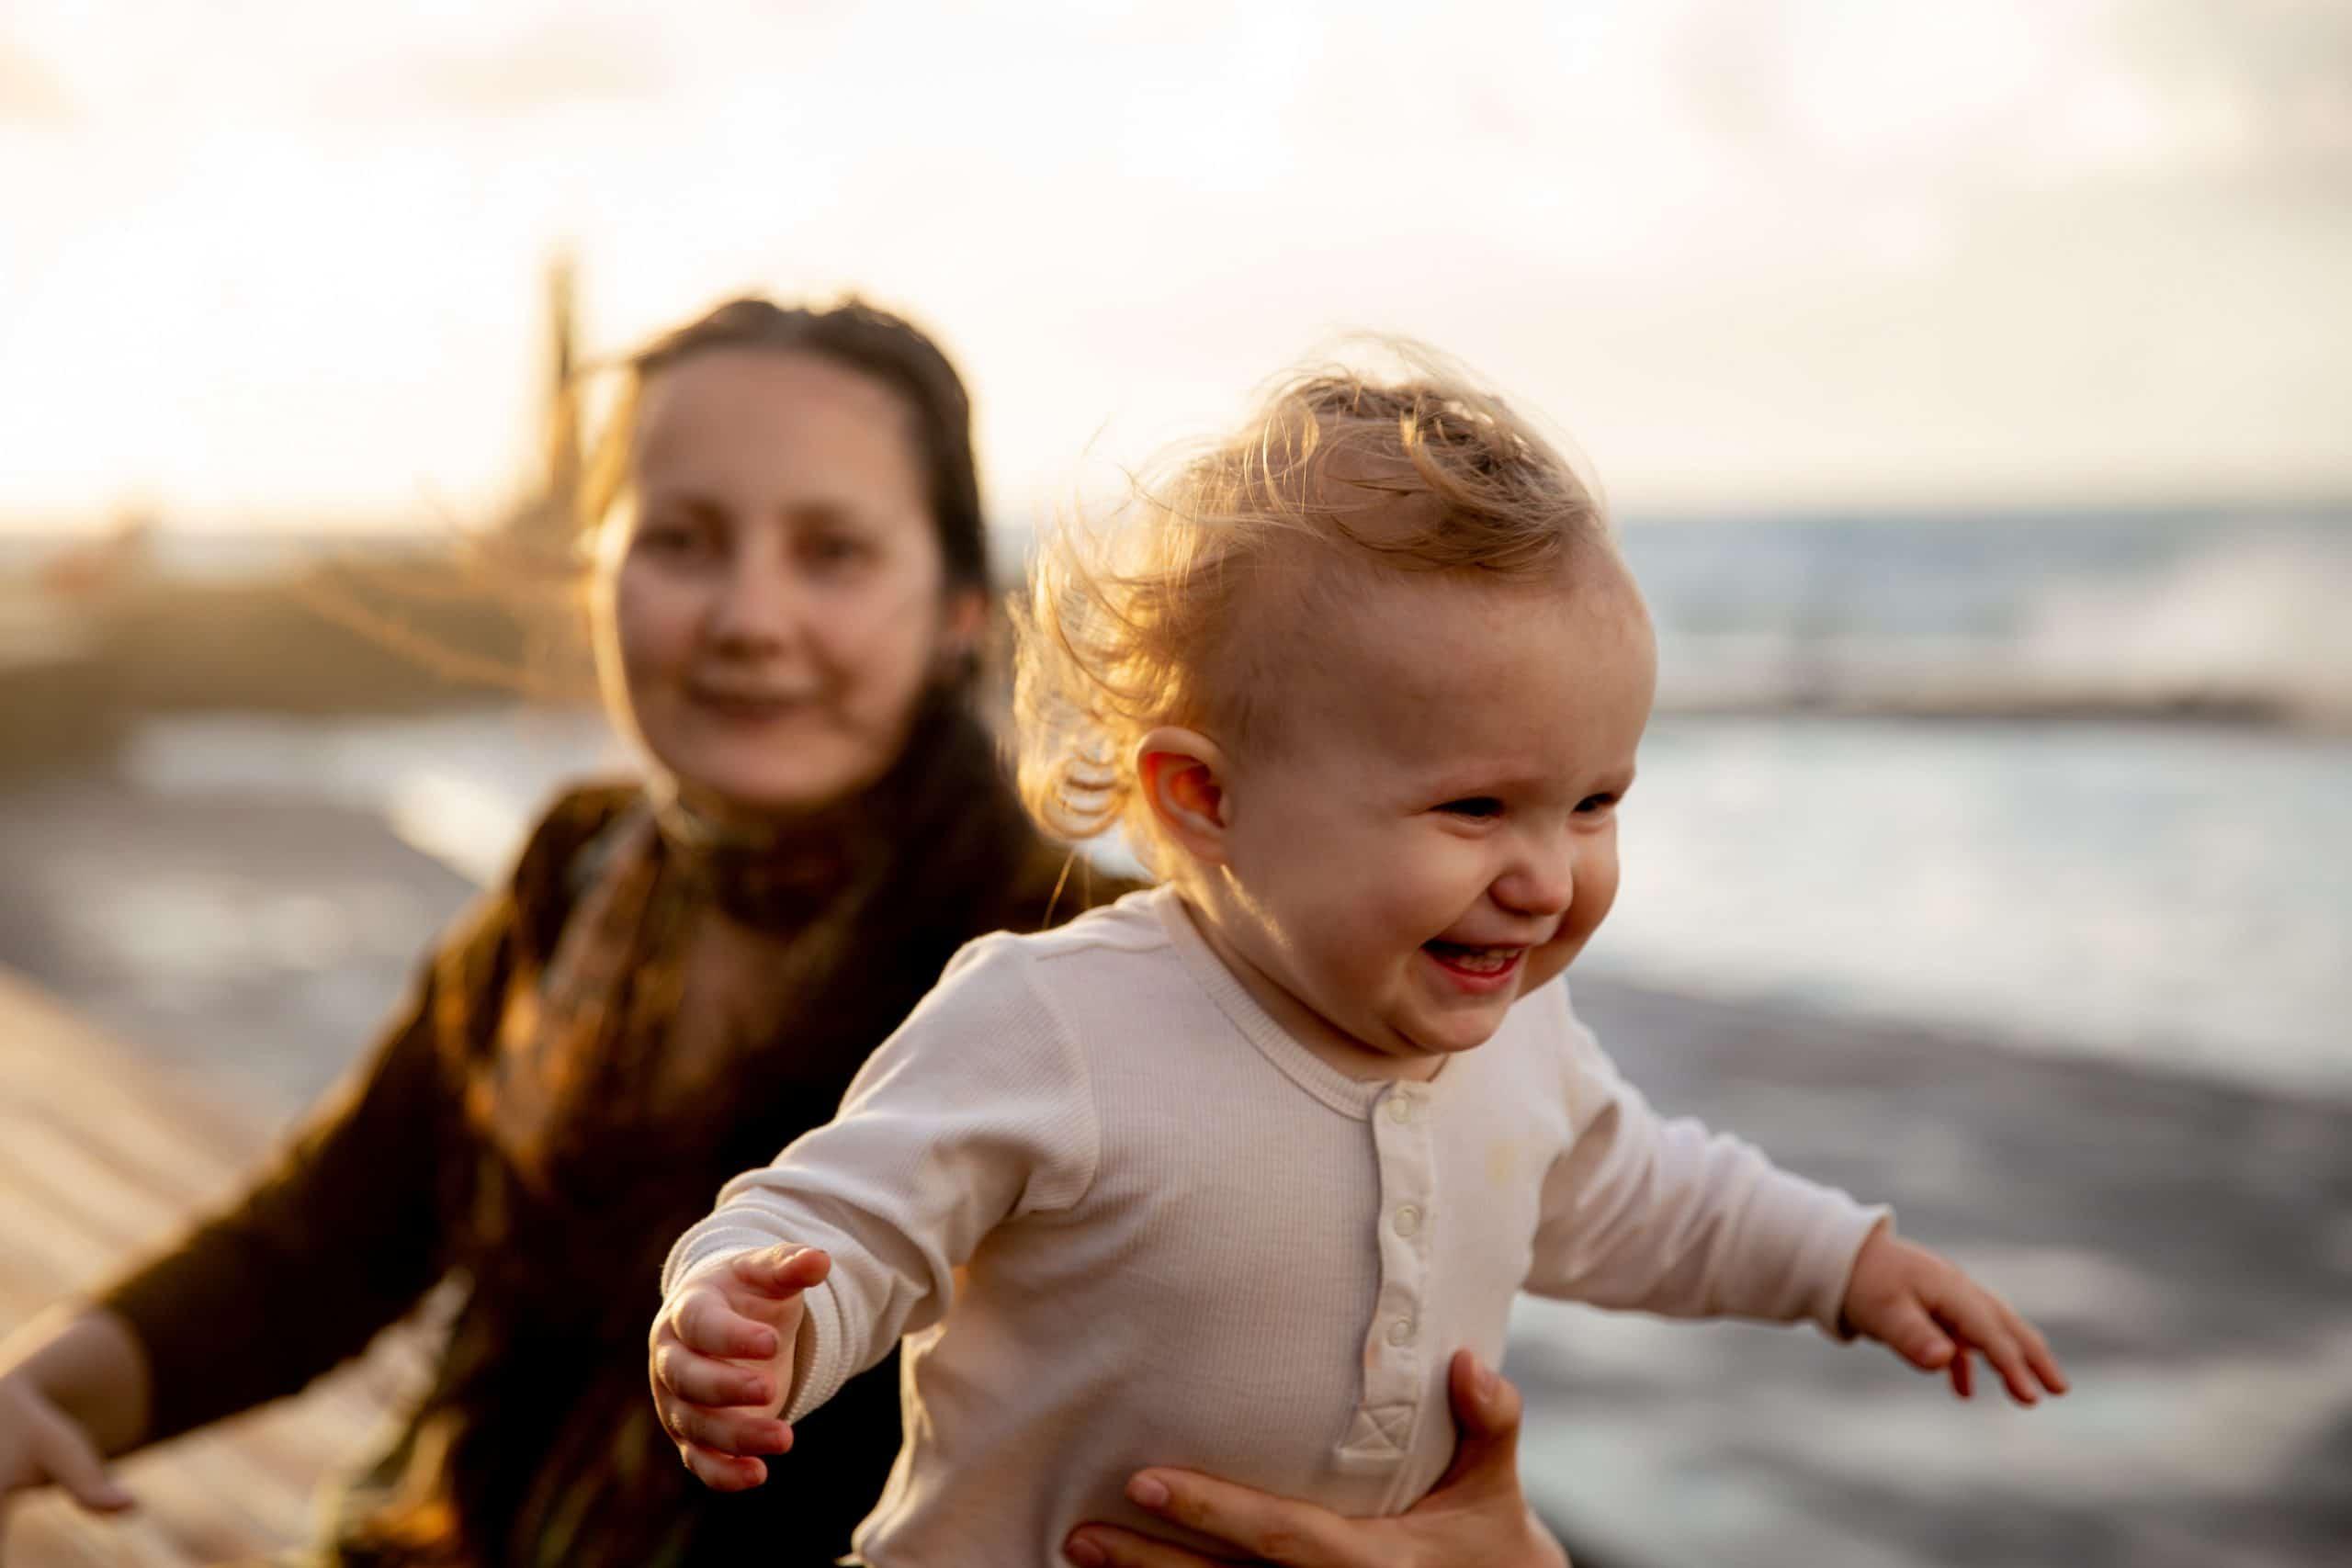 Bébé qui apprend à marcher grâce à un porteur